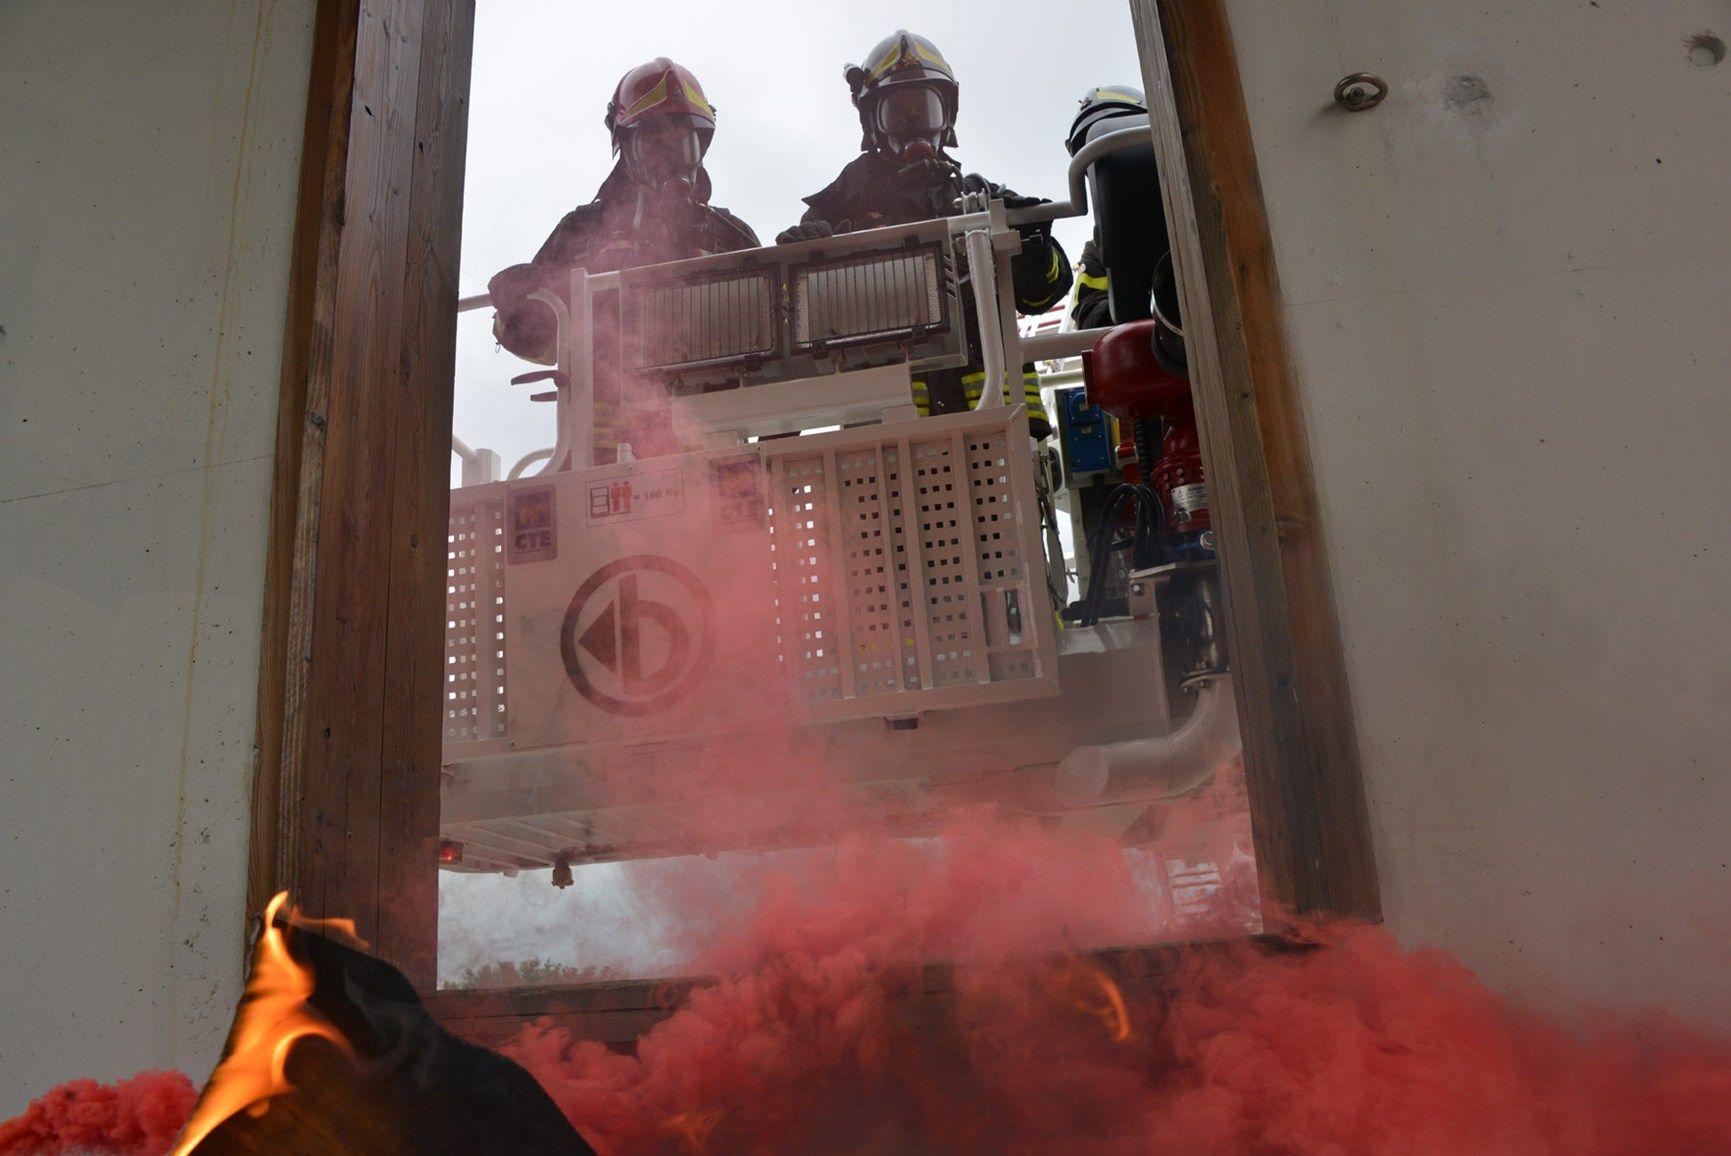 Realizzato un video rappresentativo della gamma di piattaforme e scale antincendio B-Fire di CTE